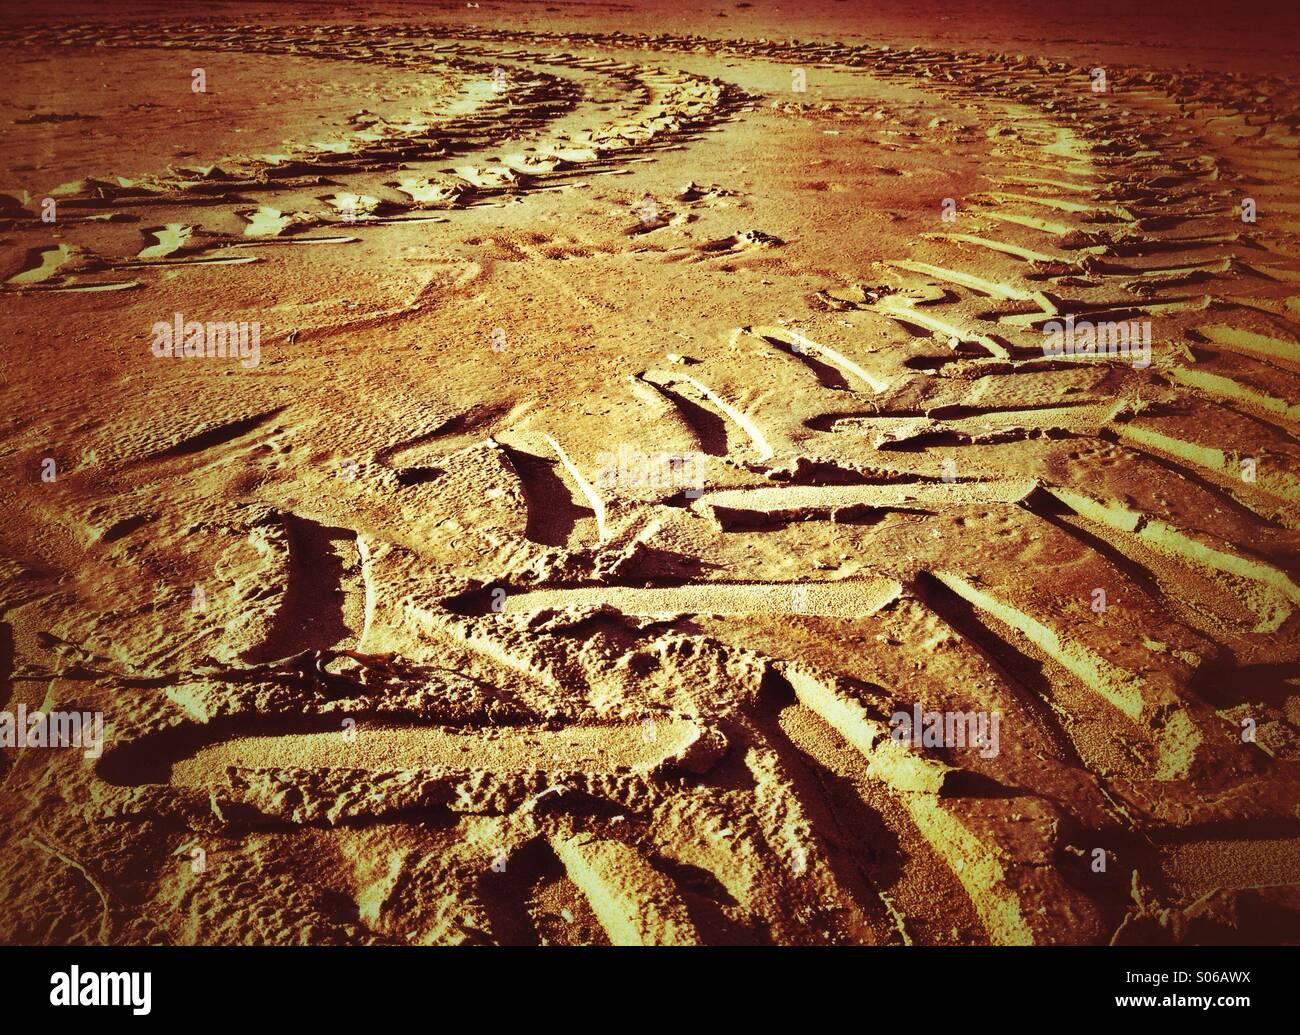 Les courbes dans le sable des pistes du tracteur Photo Stock